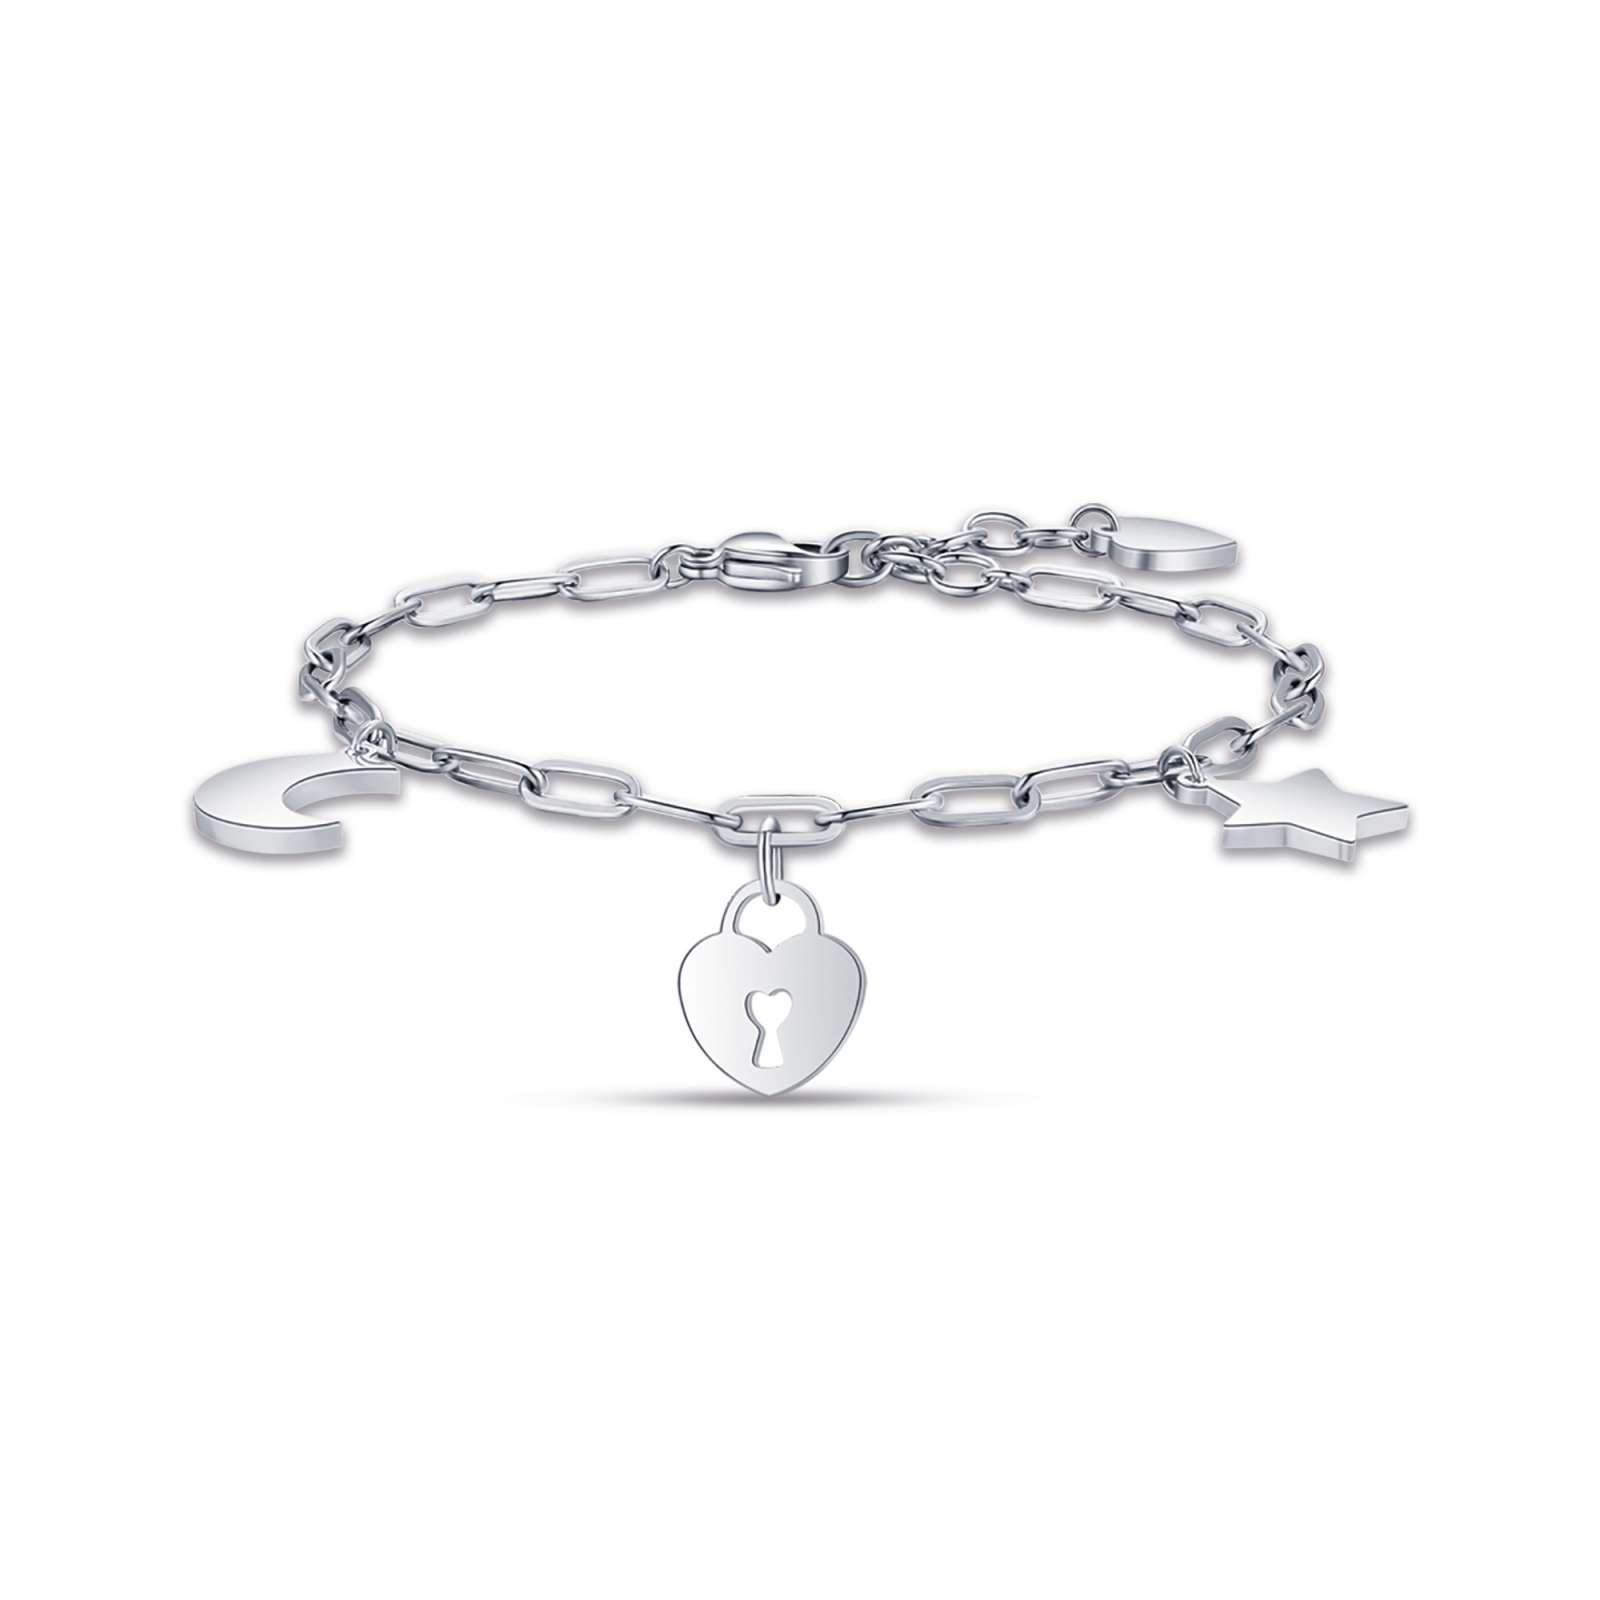 Luca Barra - Bracciale in acciaio con luna cuore lucchetto e stella